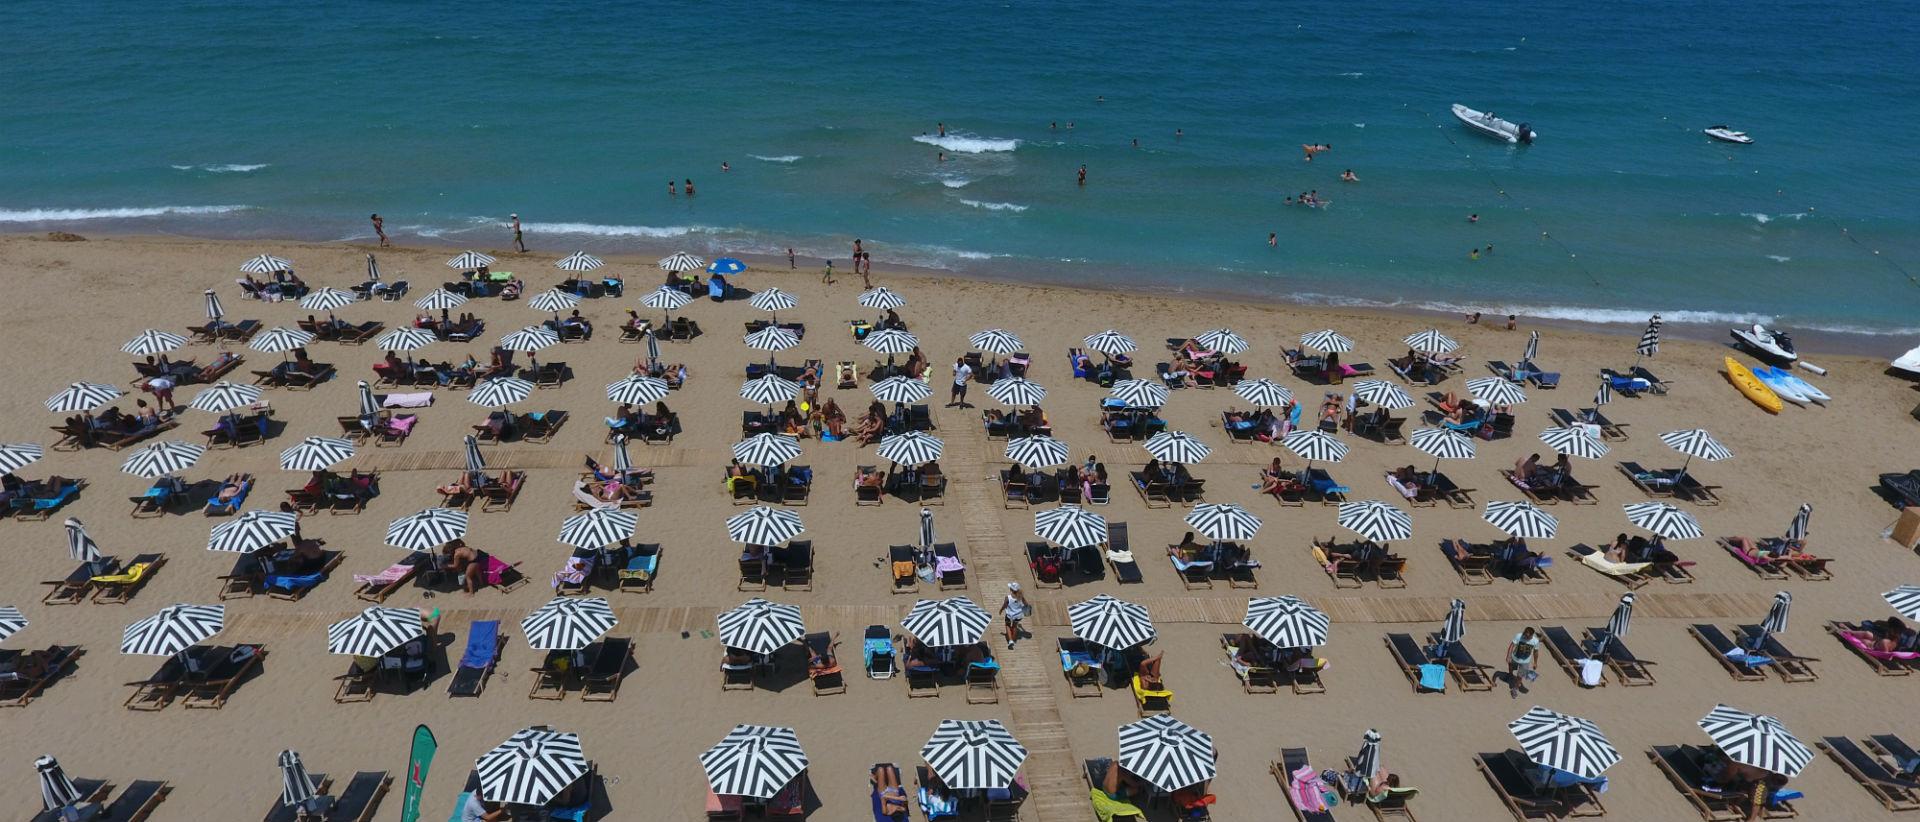 Ο απόλυτος συνδυασμός ποιότητας και άψογης εξυπηρέτησης τώρα και στην παραλία.